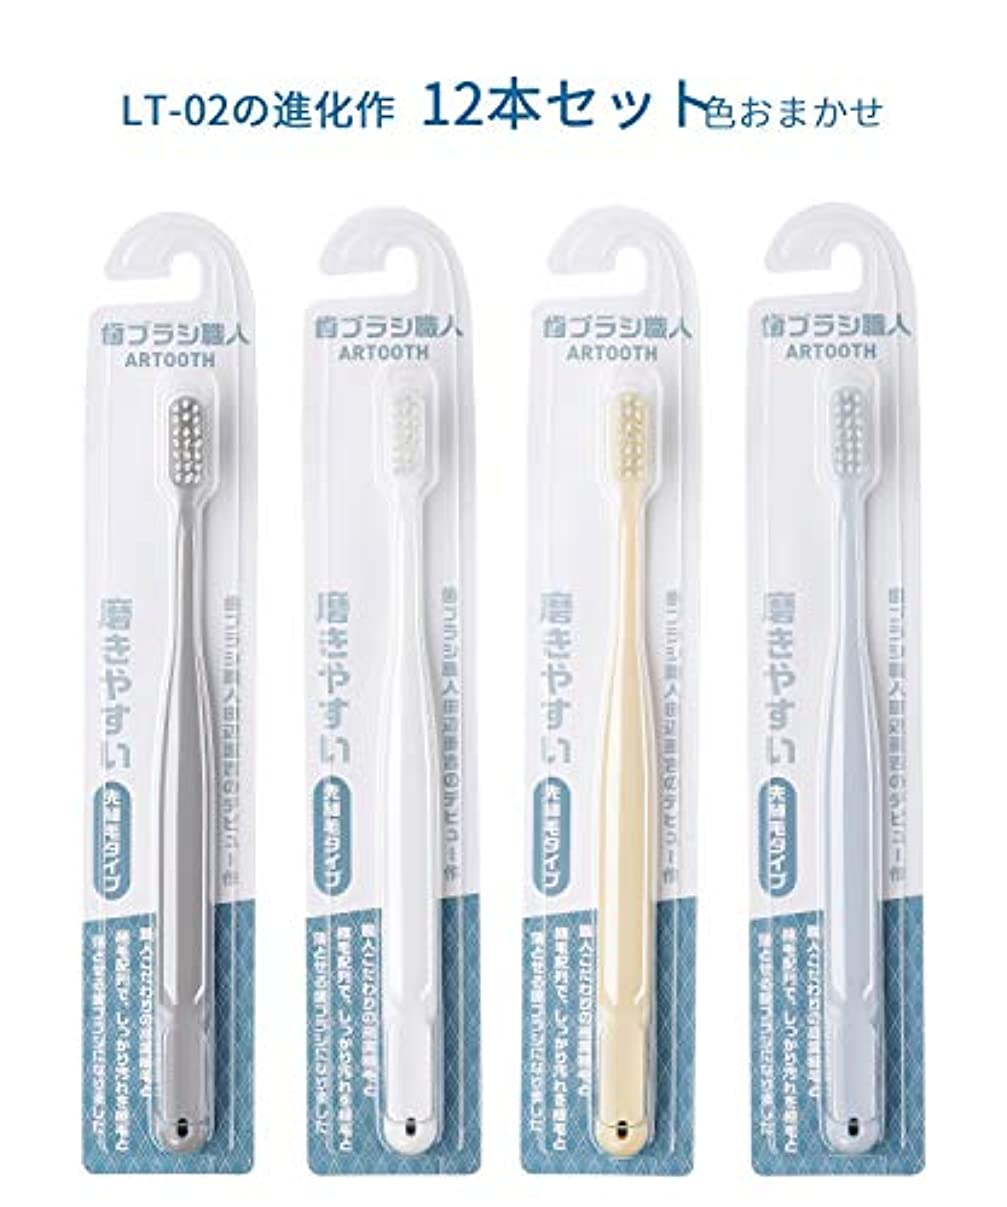 歯ブラシ職人ARTOOTH 田辺重吉 磨きやすい歯ブラシ 先細 AT-02 (12本パック)